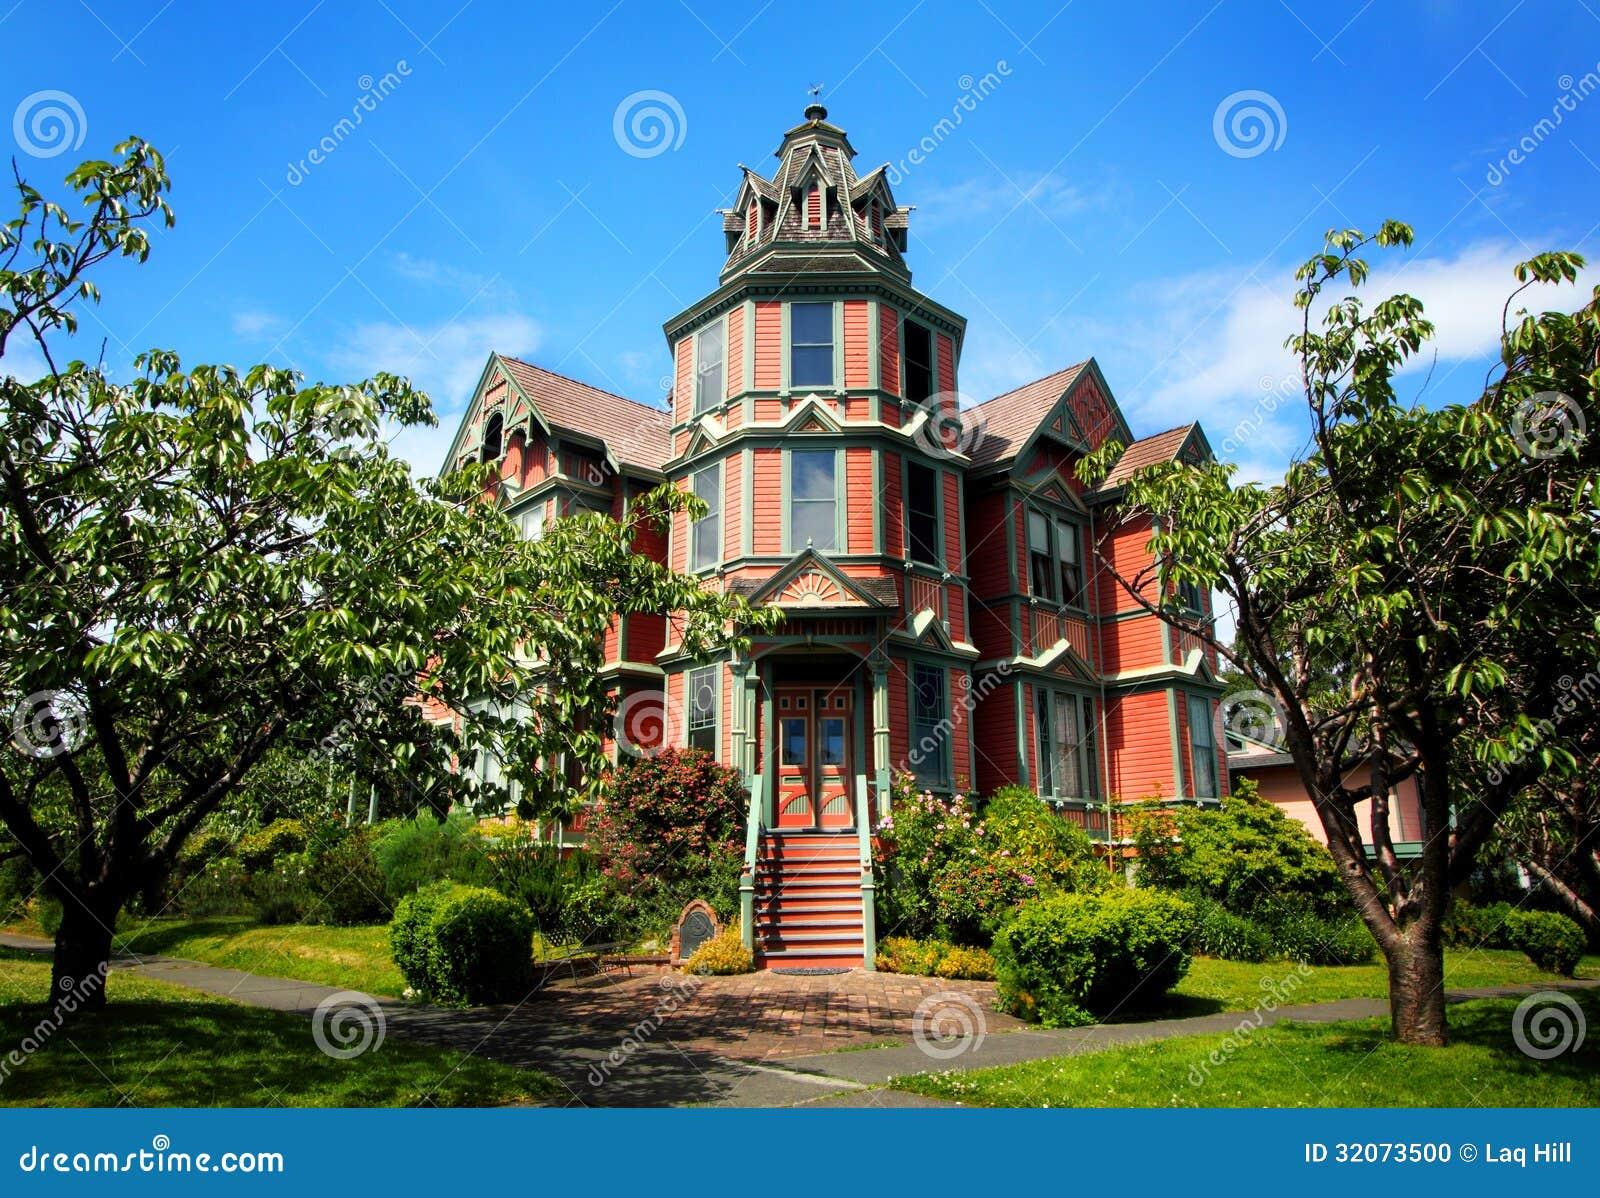 b1b60e41 Gatasikt av ett härligt stort gammalt lyxigt victorianhem med massor av  pepparkakaklippning, ett torn och många fönster under blåa himlar.